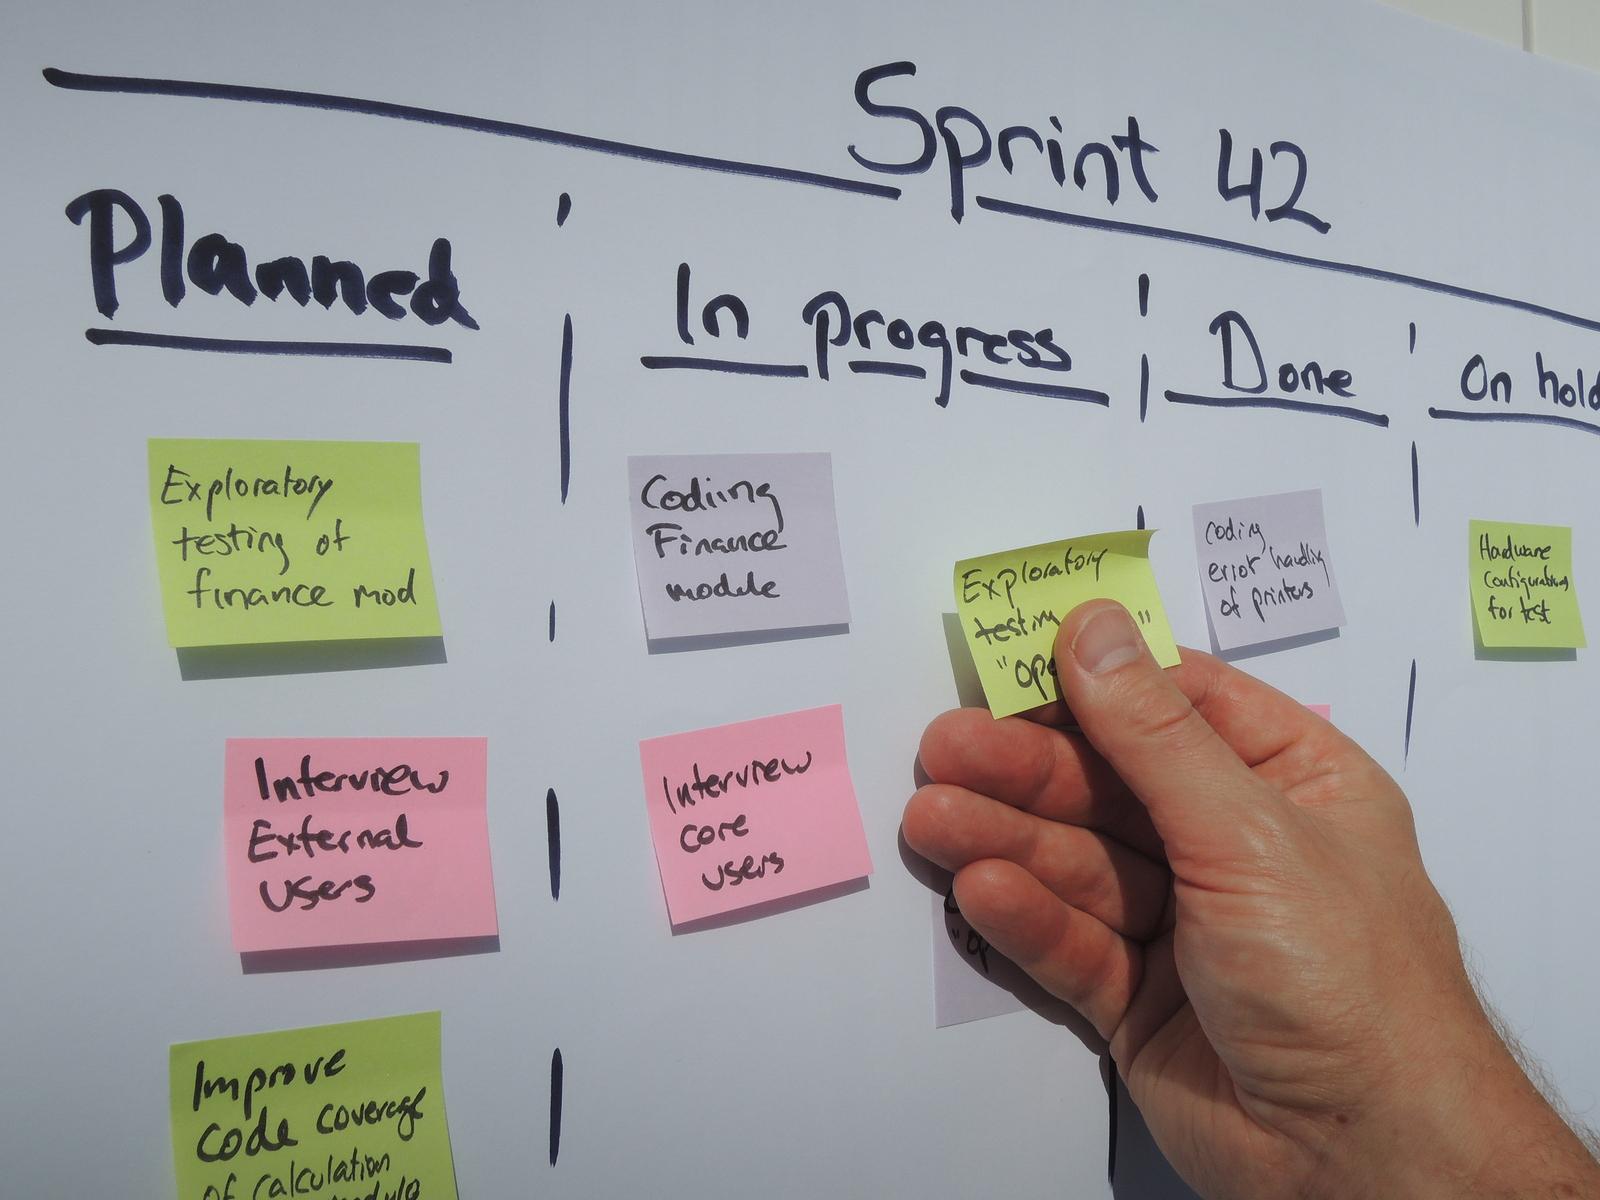 Metodologías ágiles en la gestión de proyectos: concepto, ventajas y tipos